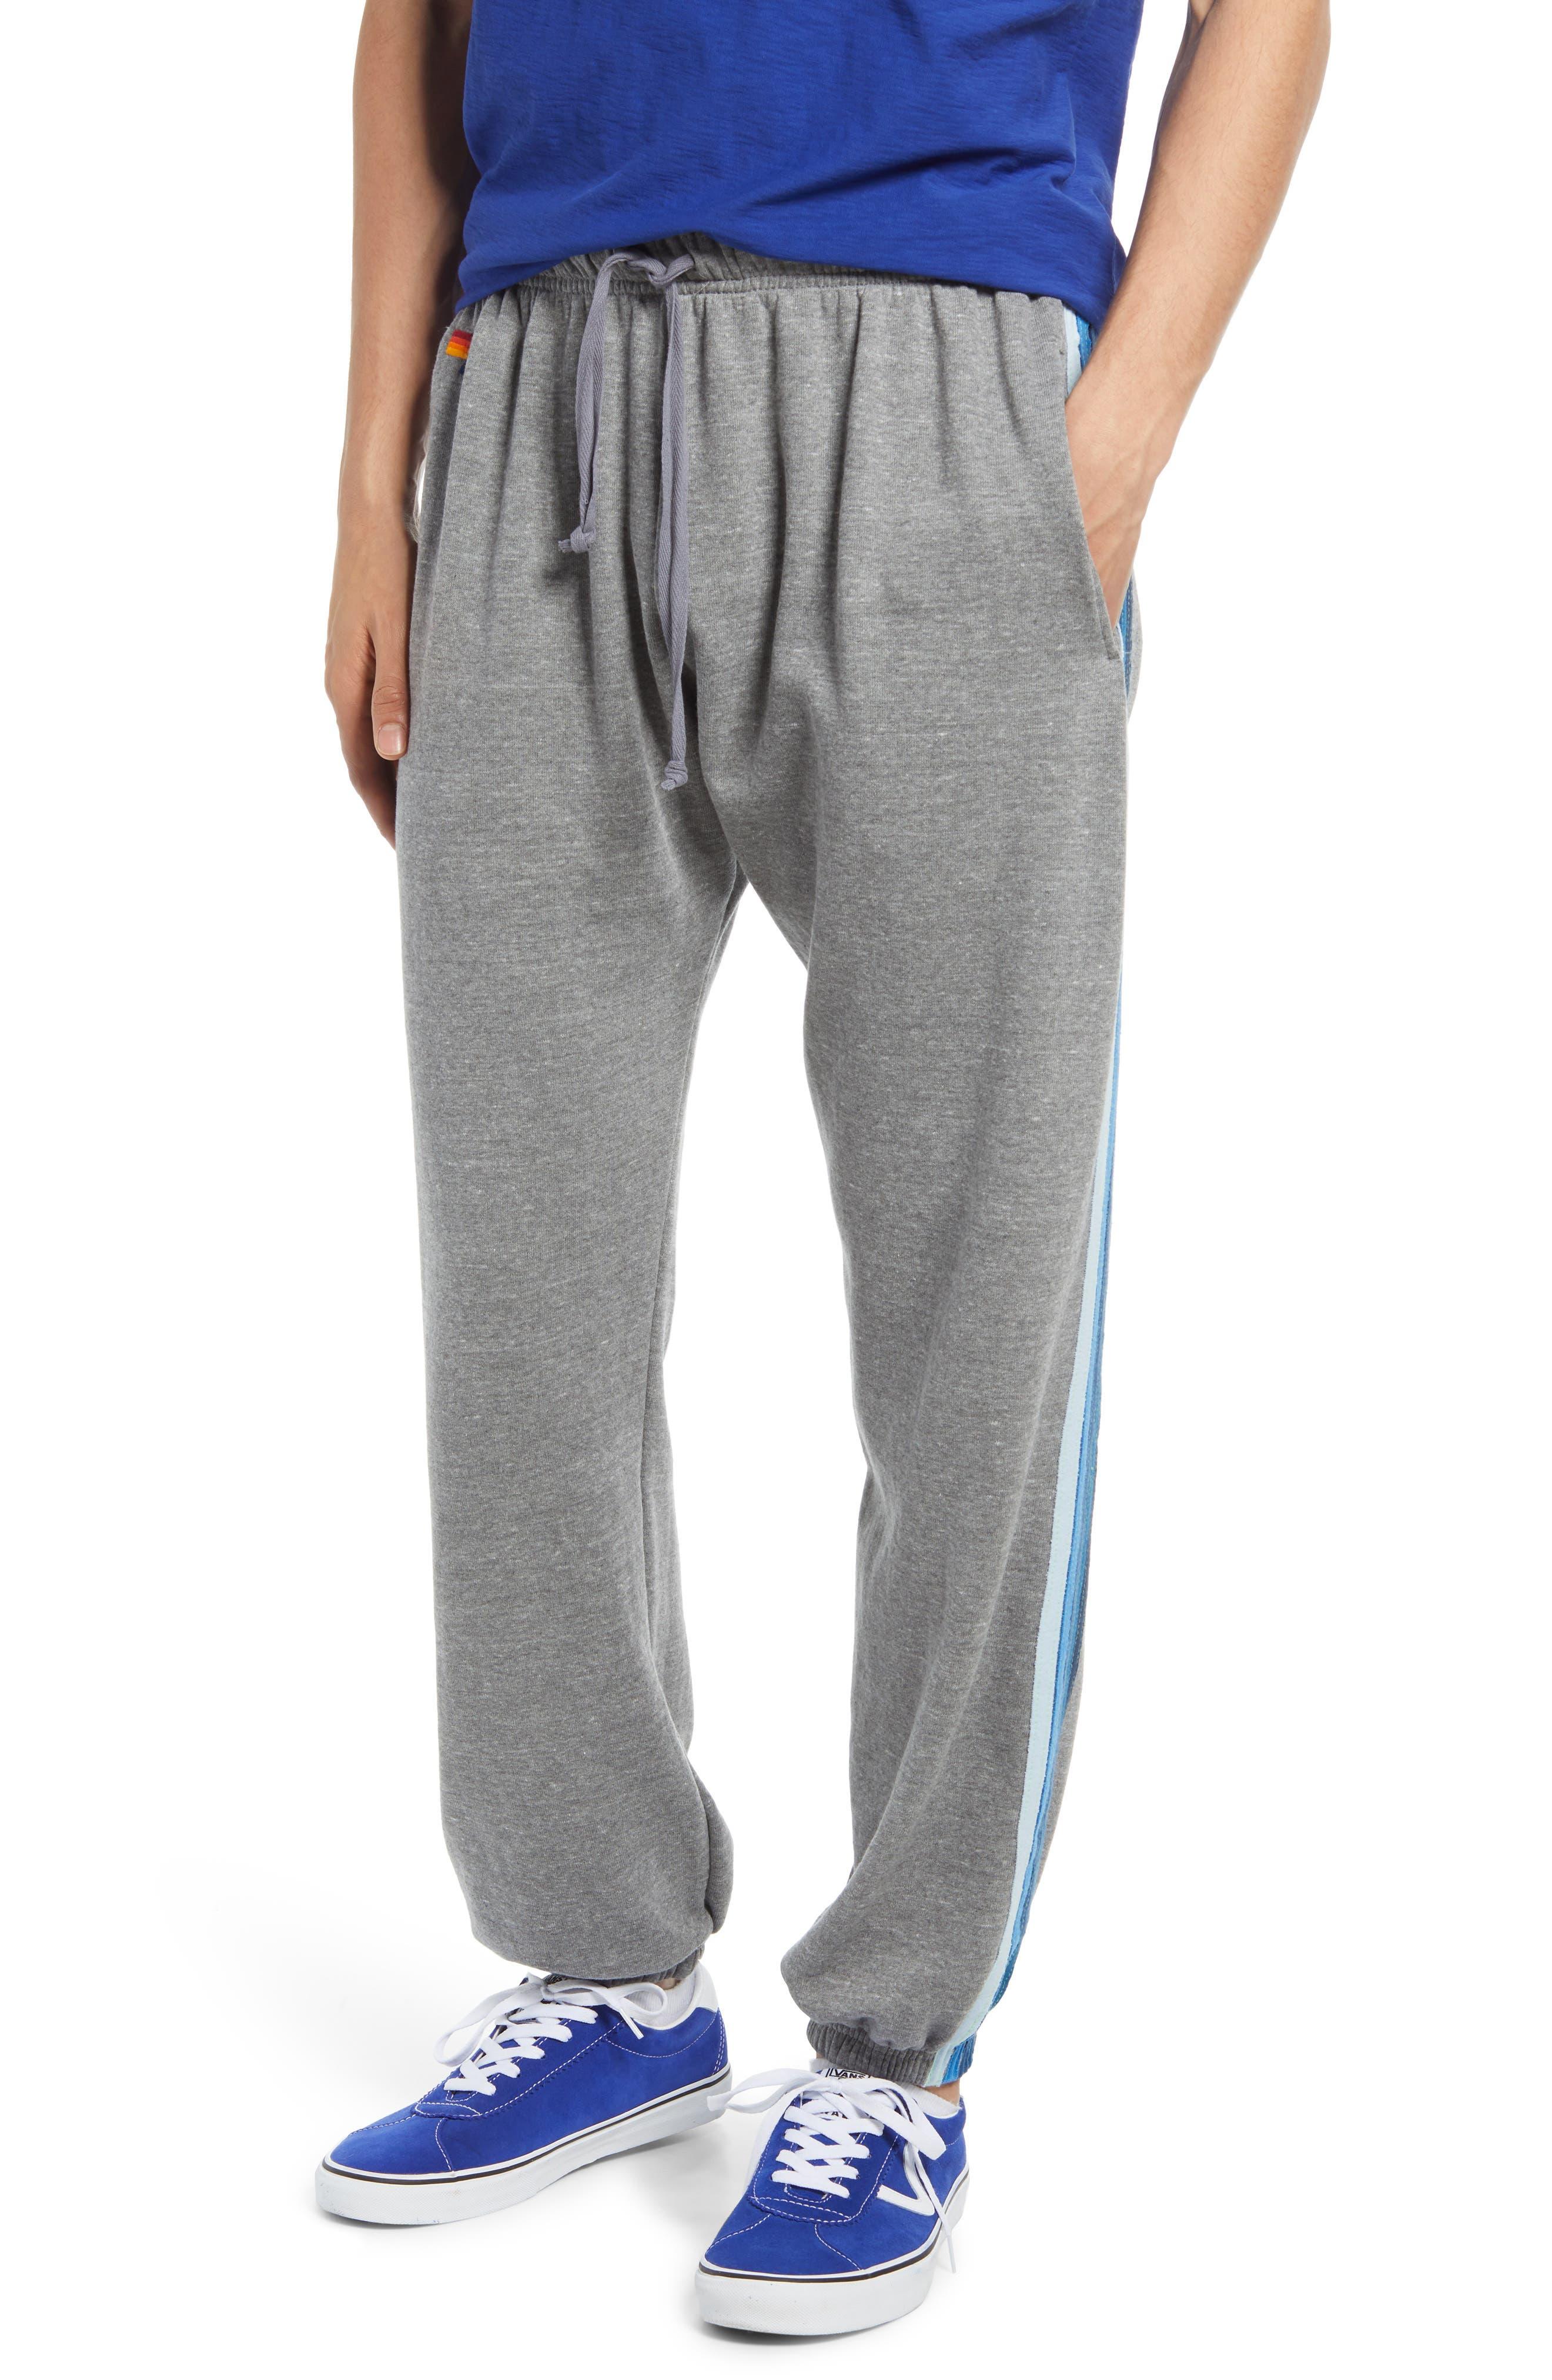 5-Stripe Slim Fit Sweatpants